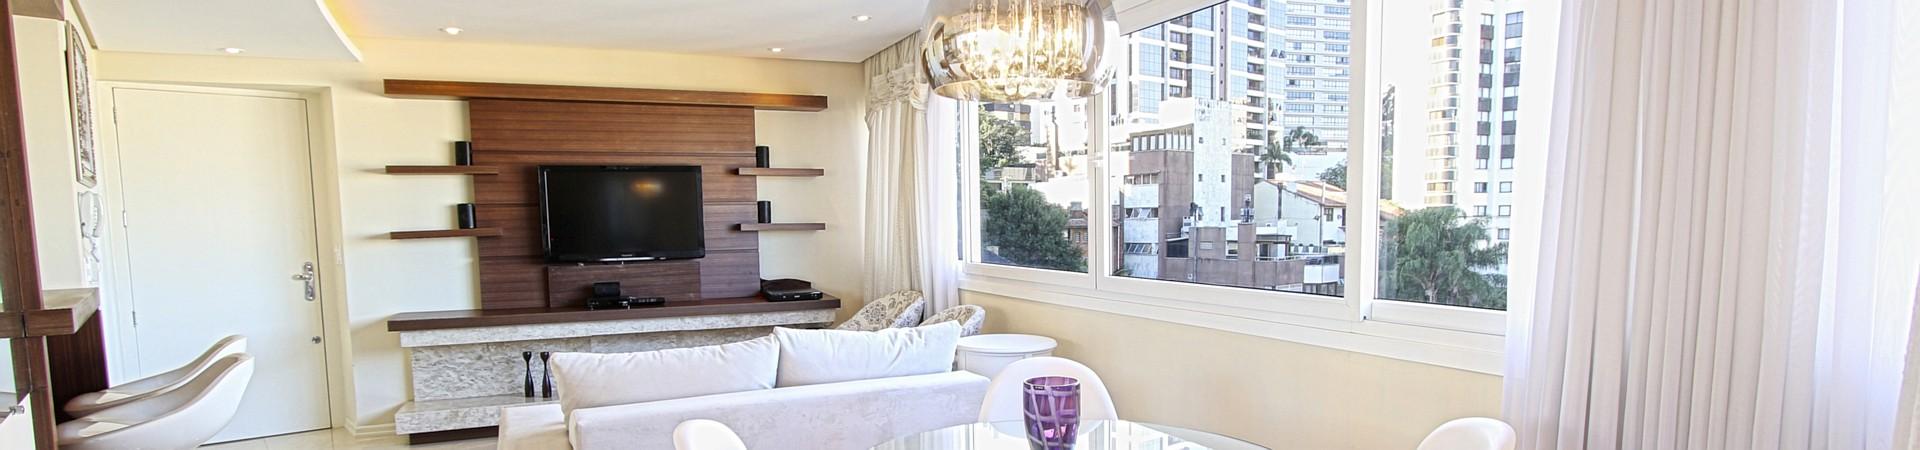 gintac schutz vor einbruch. Black Bedroom Furniture Sets. Home Design Ideas